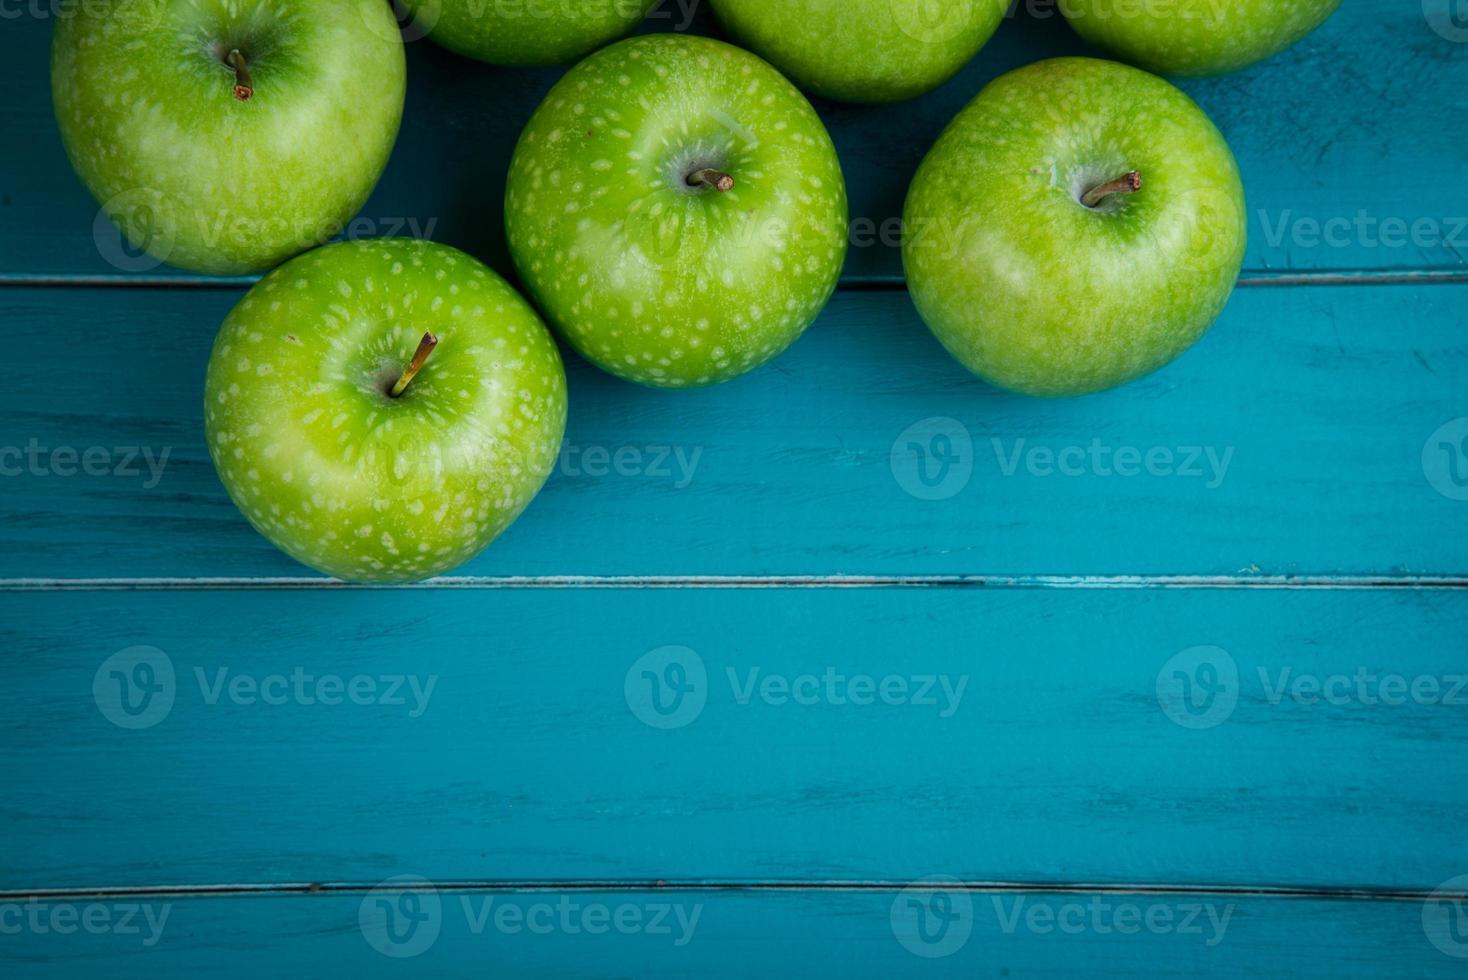 gård färska organiska gröna äpplen på trä retro bord foto